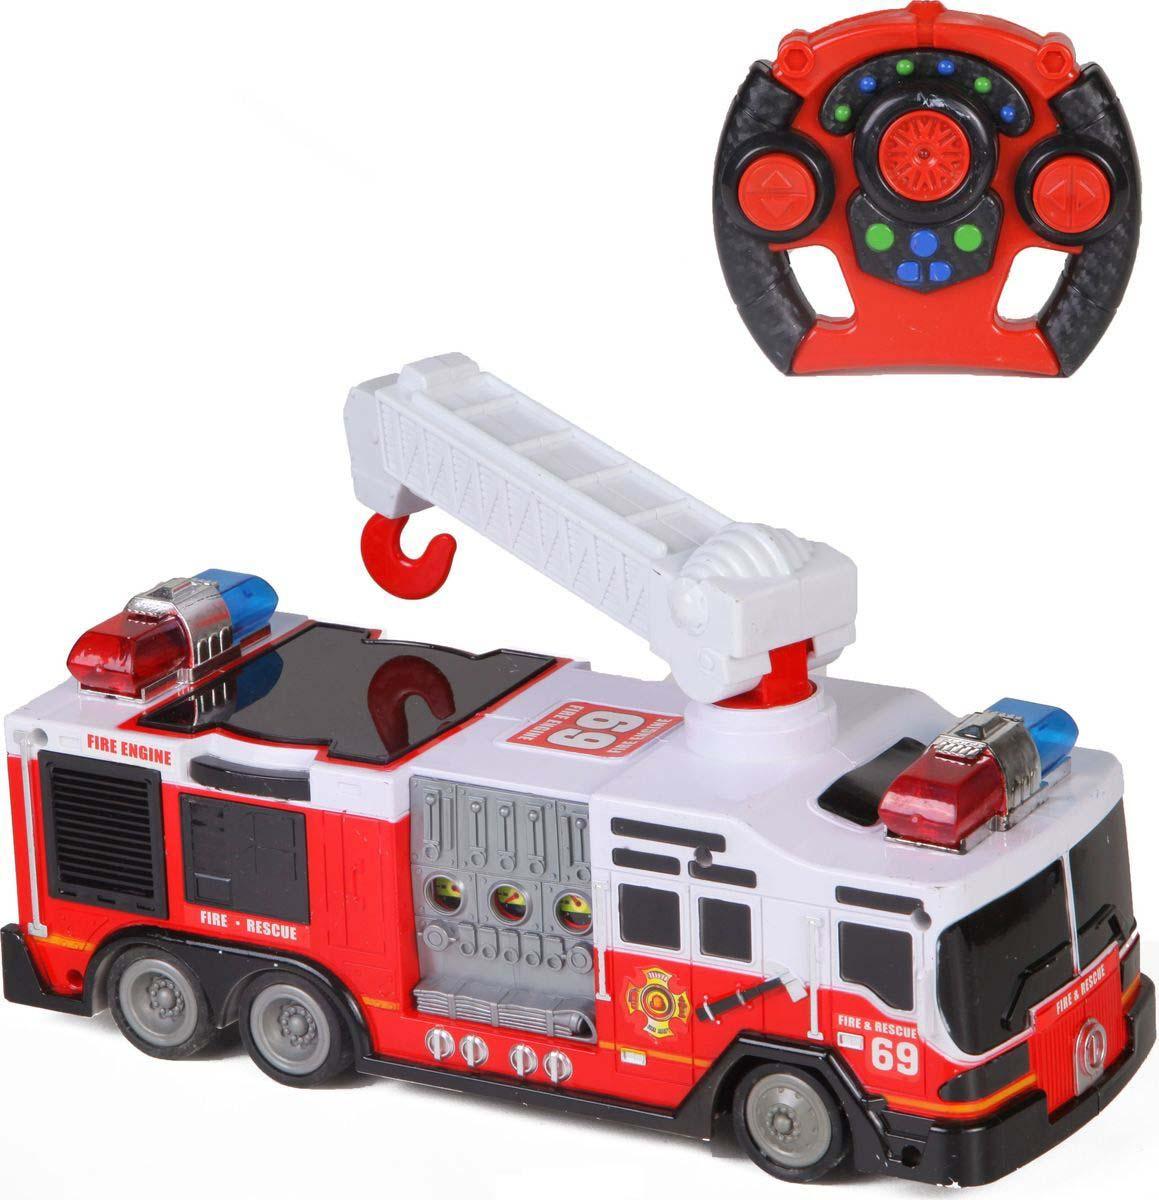 Пожарная машина на радиоуправлении, свет и звукМашины на р/у<br>Пожарная машина на радиоуправлении, свет и звук<br>